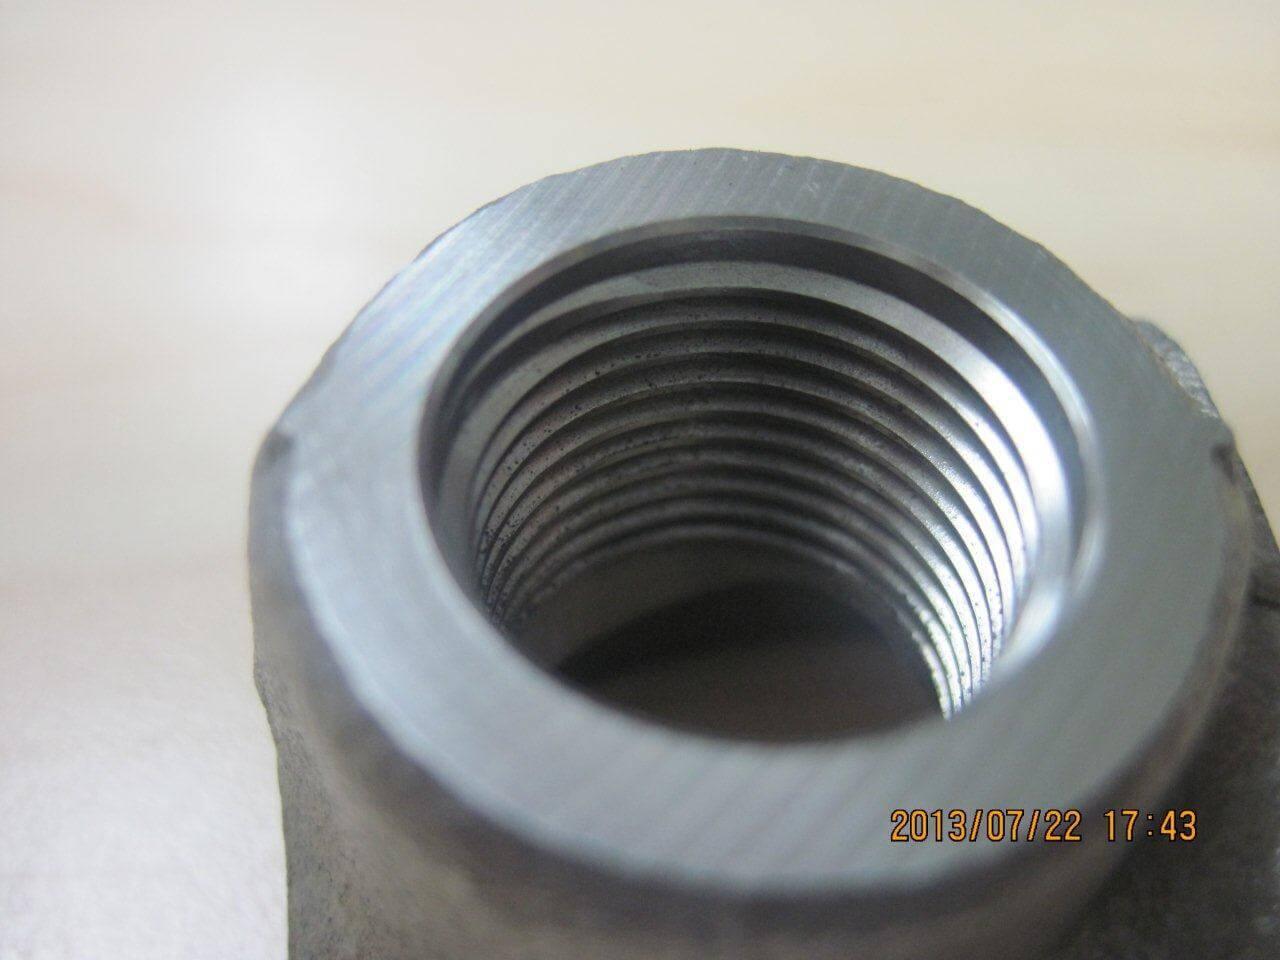 Framsidan av materialet där gängfräsen Double ThreadBurr gängat och gradat på båda sidorna.